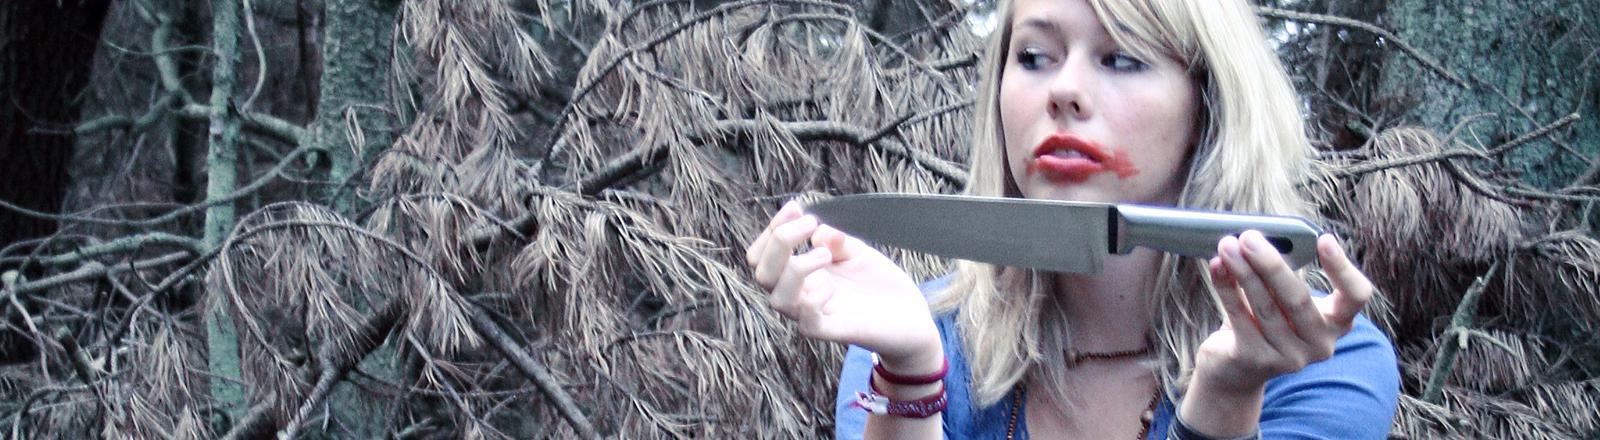 Eine Frau hält ein böse aussehendes Messer in den Händen, ihr Lippenstift ist verschmiert, sie schaut recht verschlagen.